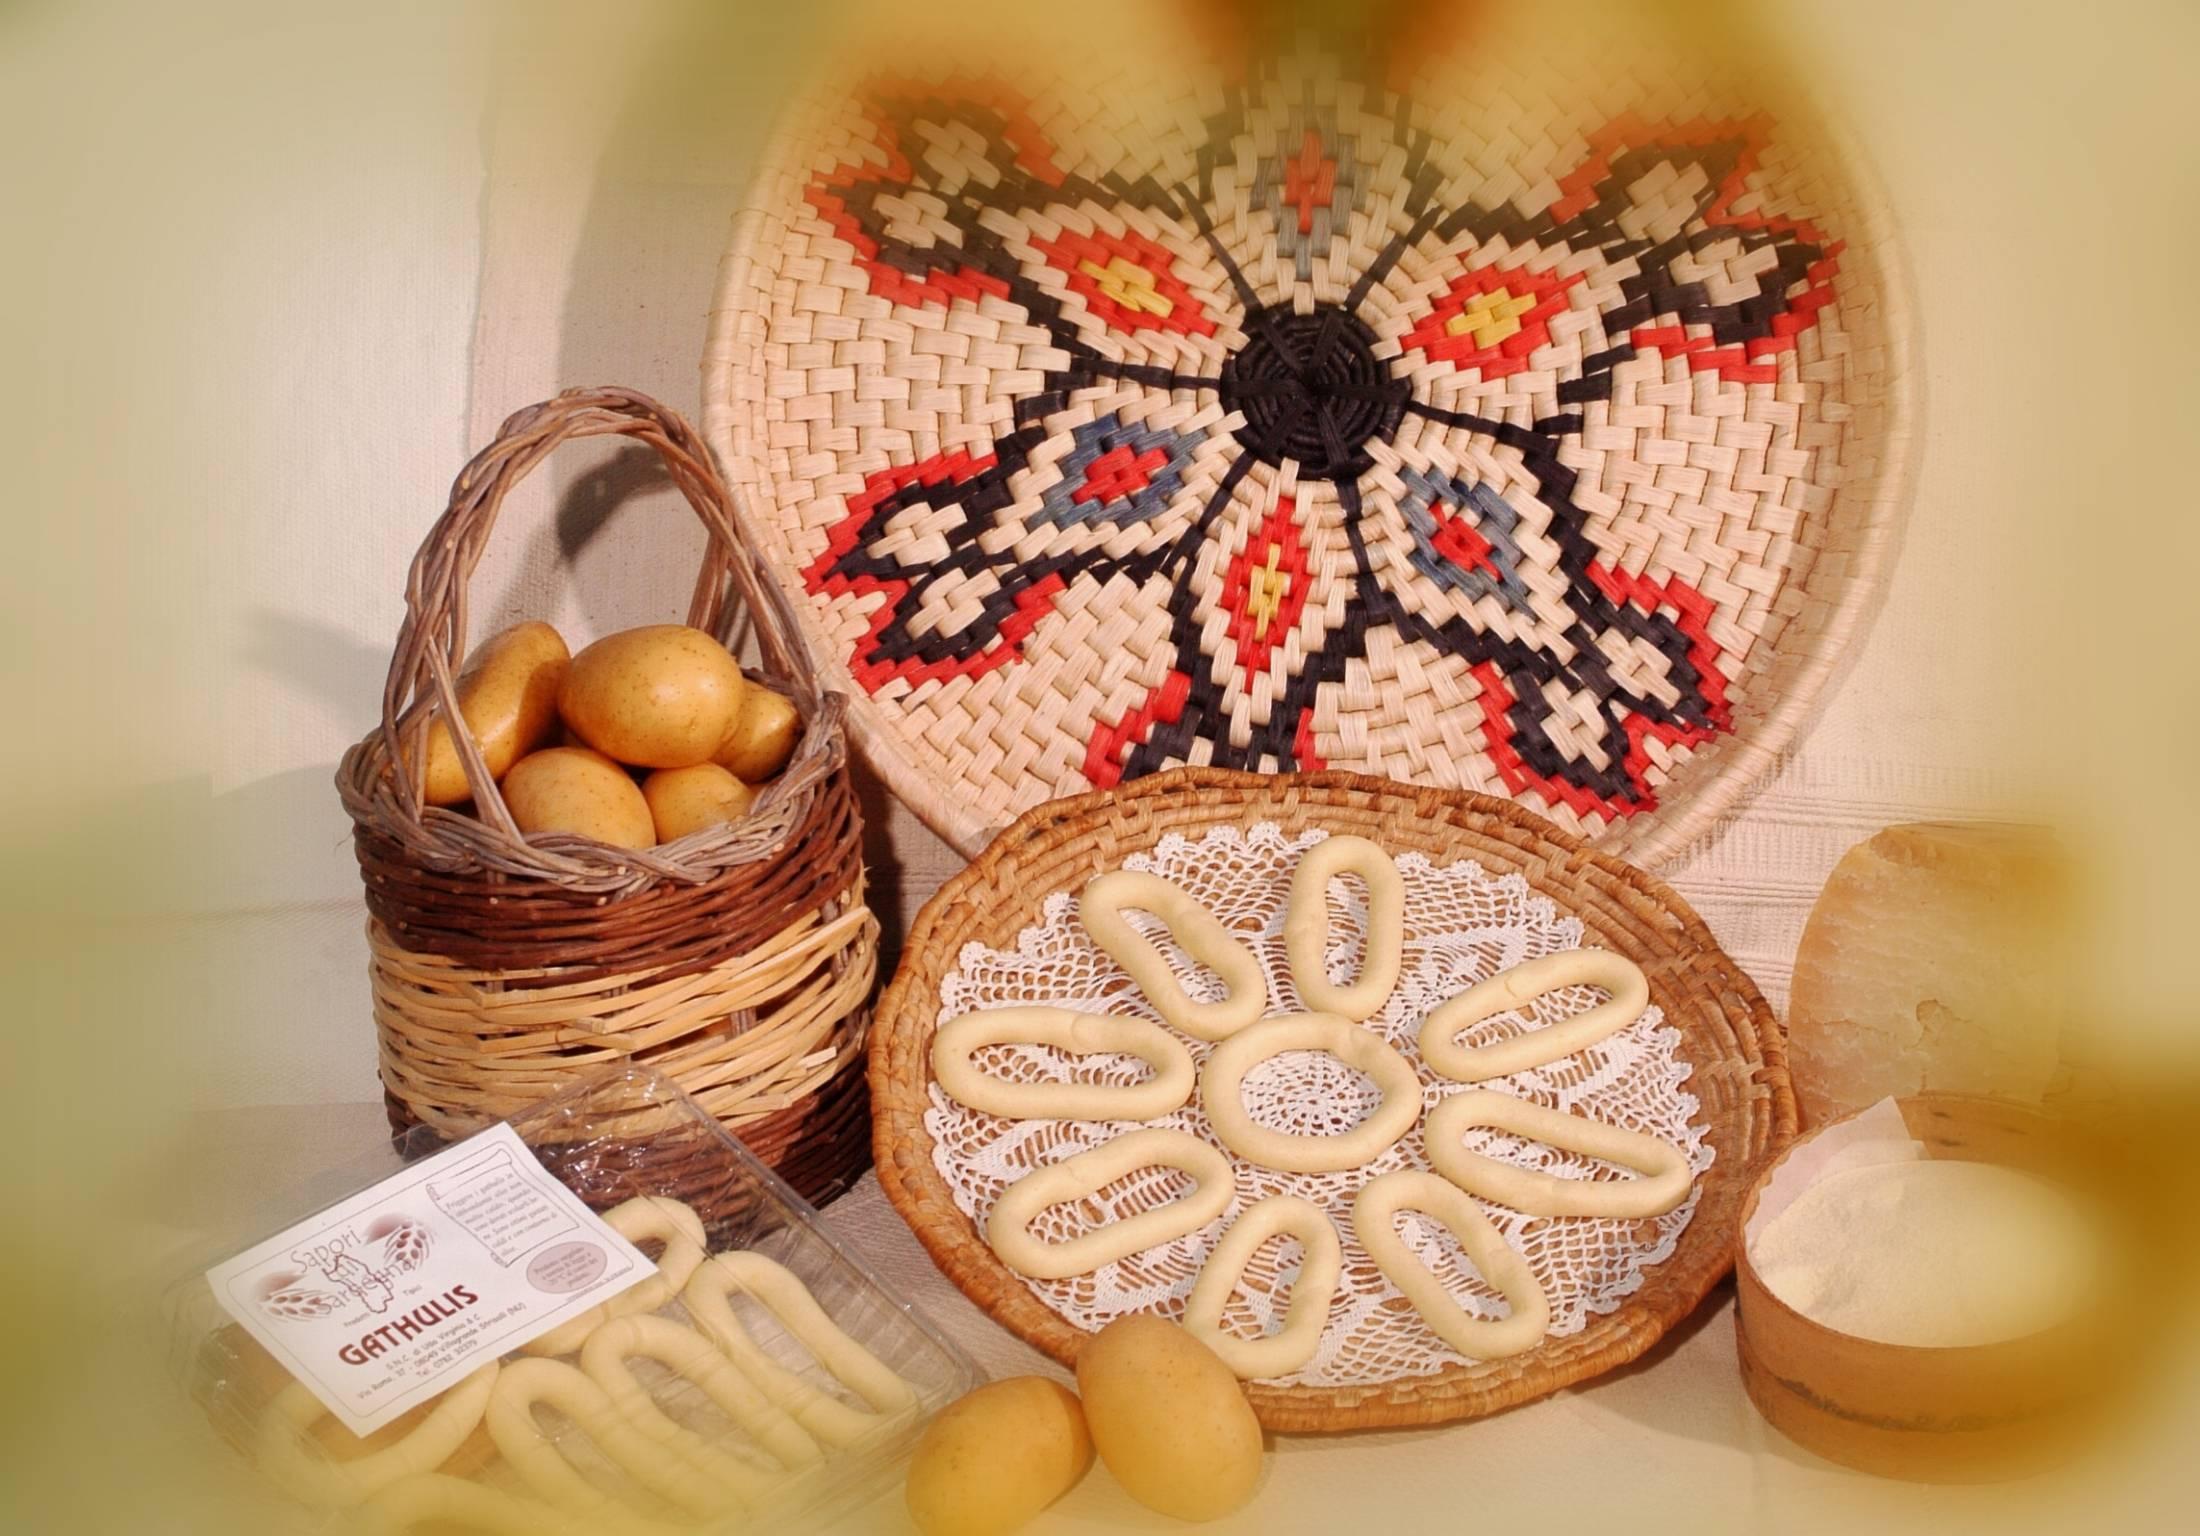 cestino con uova e altri prodotti tipici